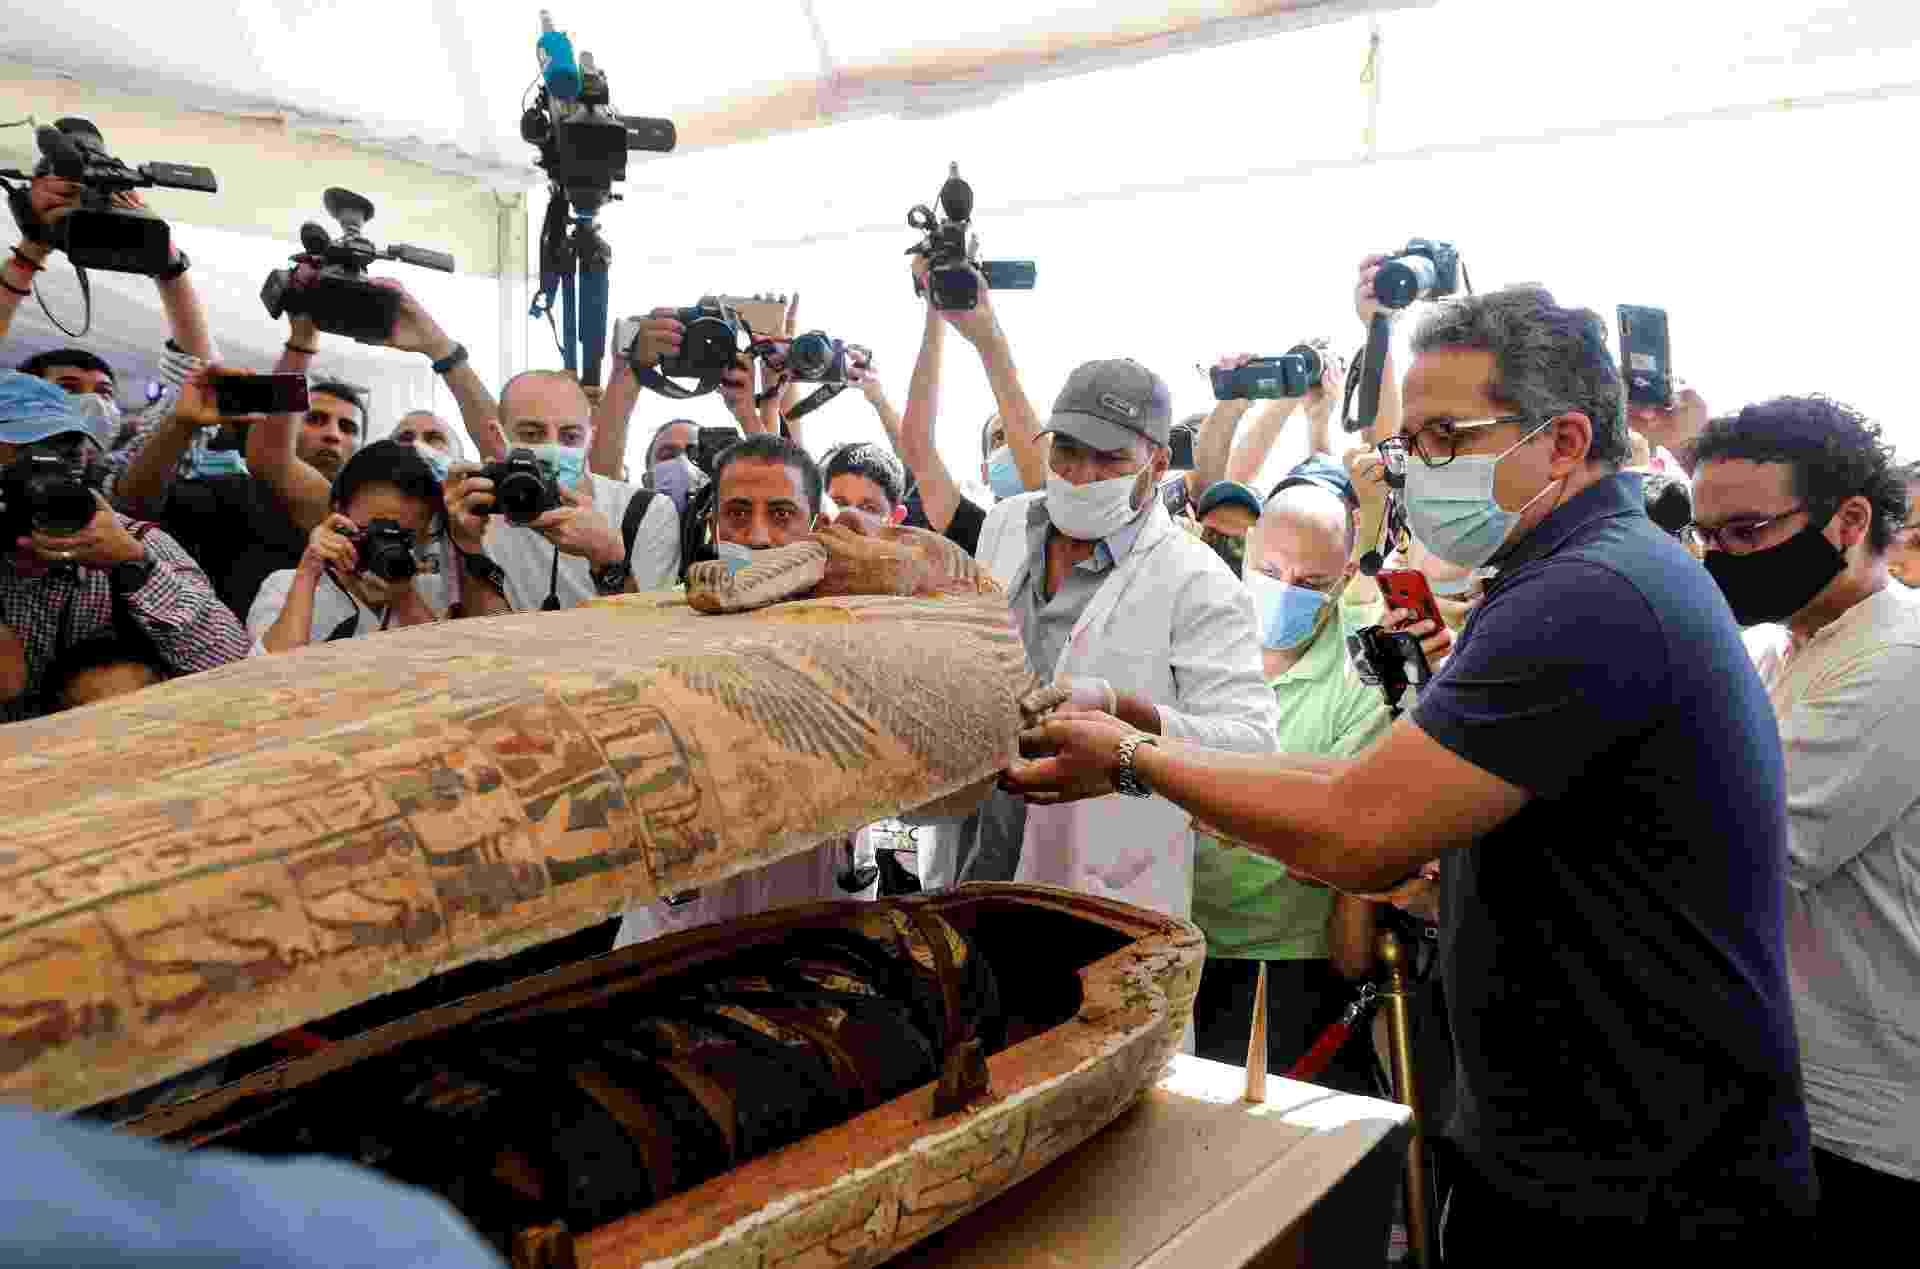 Egito descobre 59 sarcófagos de 2,6 mil anos em perfeitas condições - Múmias praticamente intactas pertencem a sacerdotes e oficiais e estavam enterradas em tumbas verticais - MOHAMED ABD EL GHANY/REUTERS